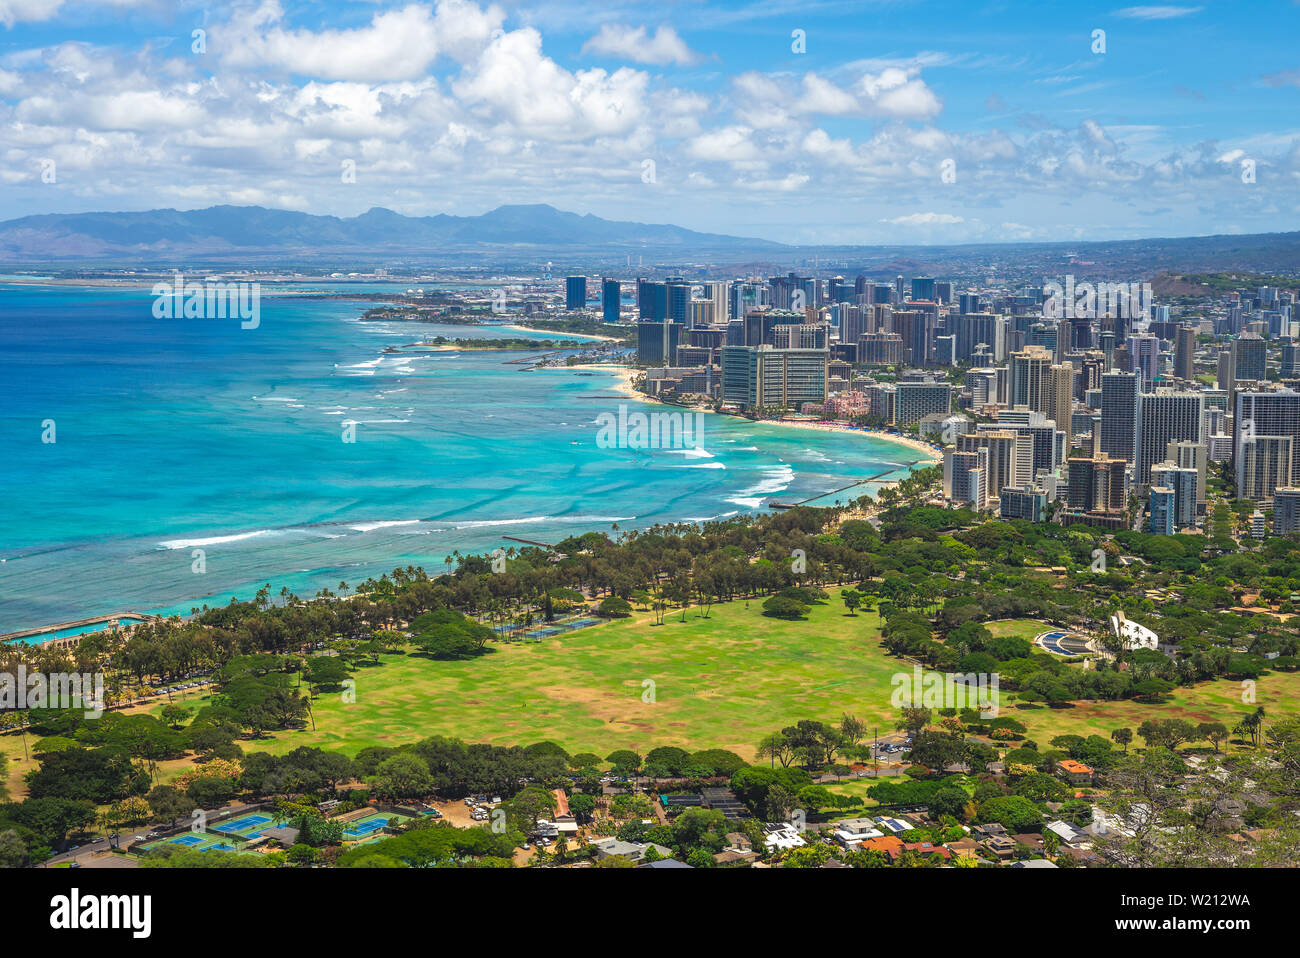 Aerial view of honolulu in Oahu, Hawaii, US Stock Photo